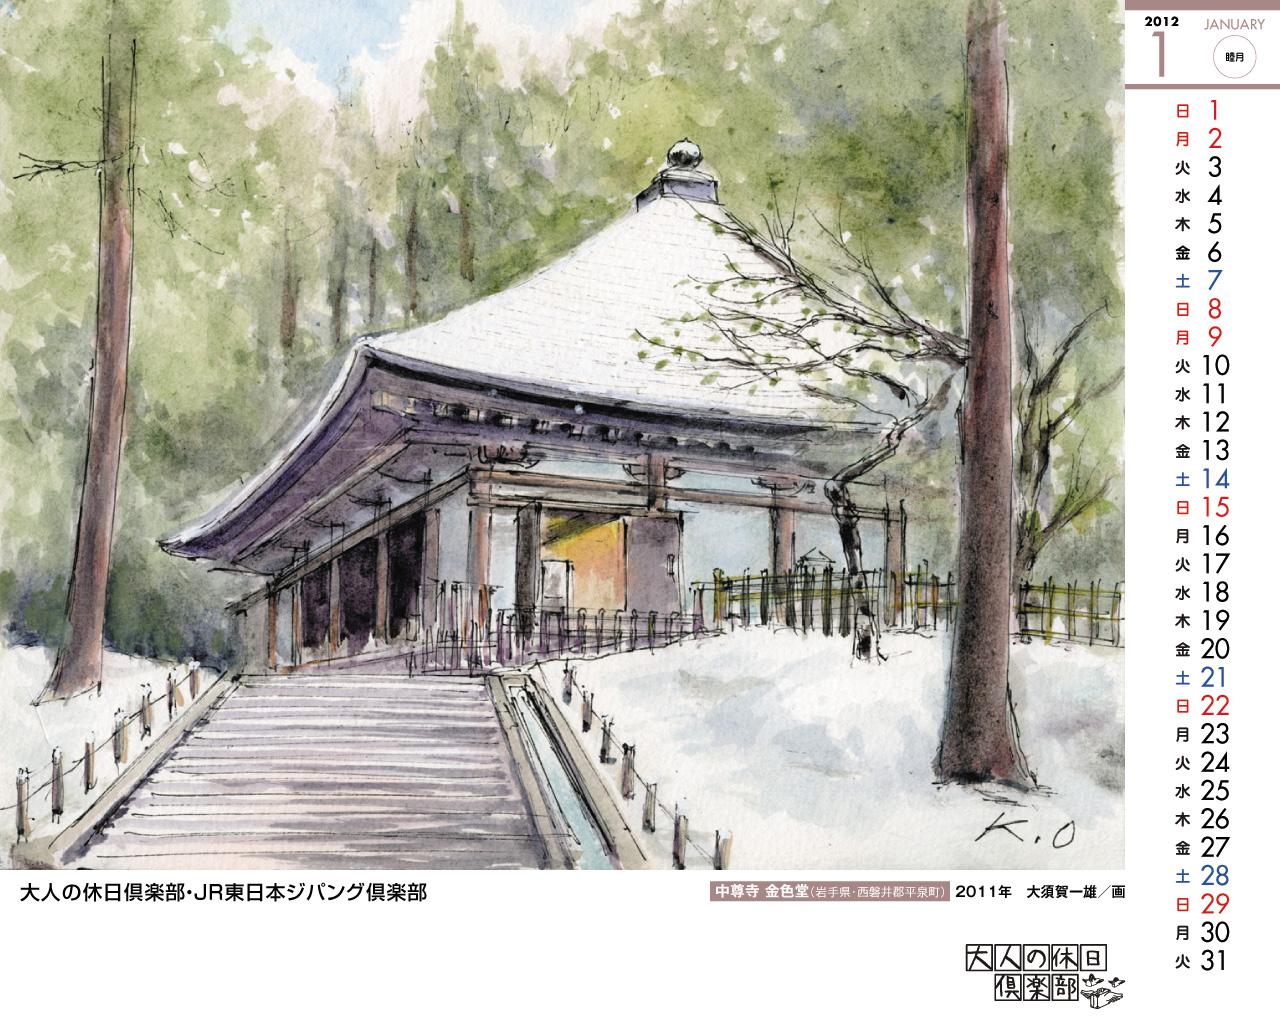 カレンダー jr東日本 大人の休日倶楽部 カレンダー : ... JR東日本 (East Japan Railway Company